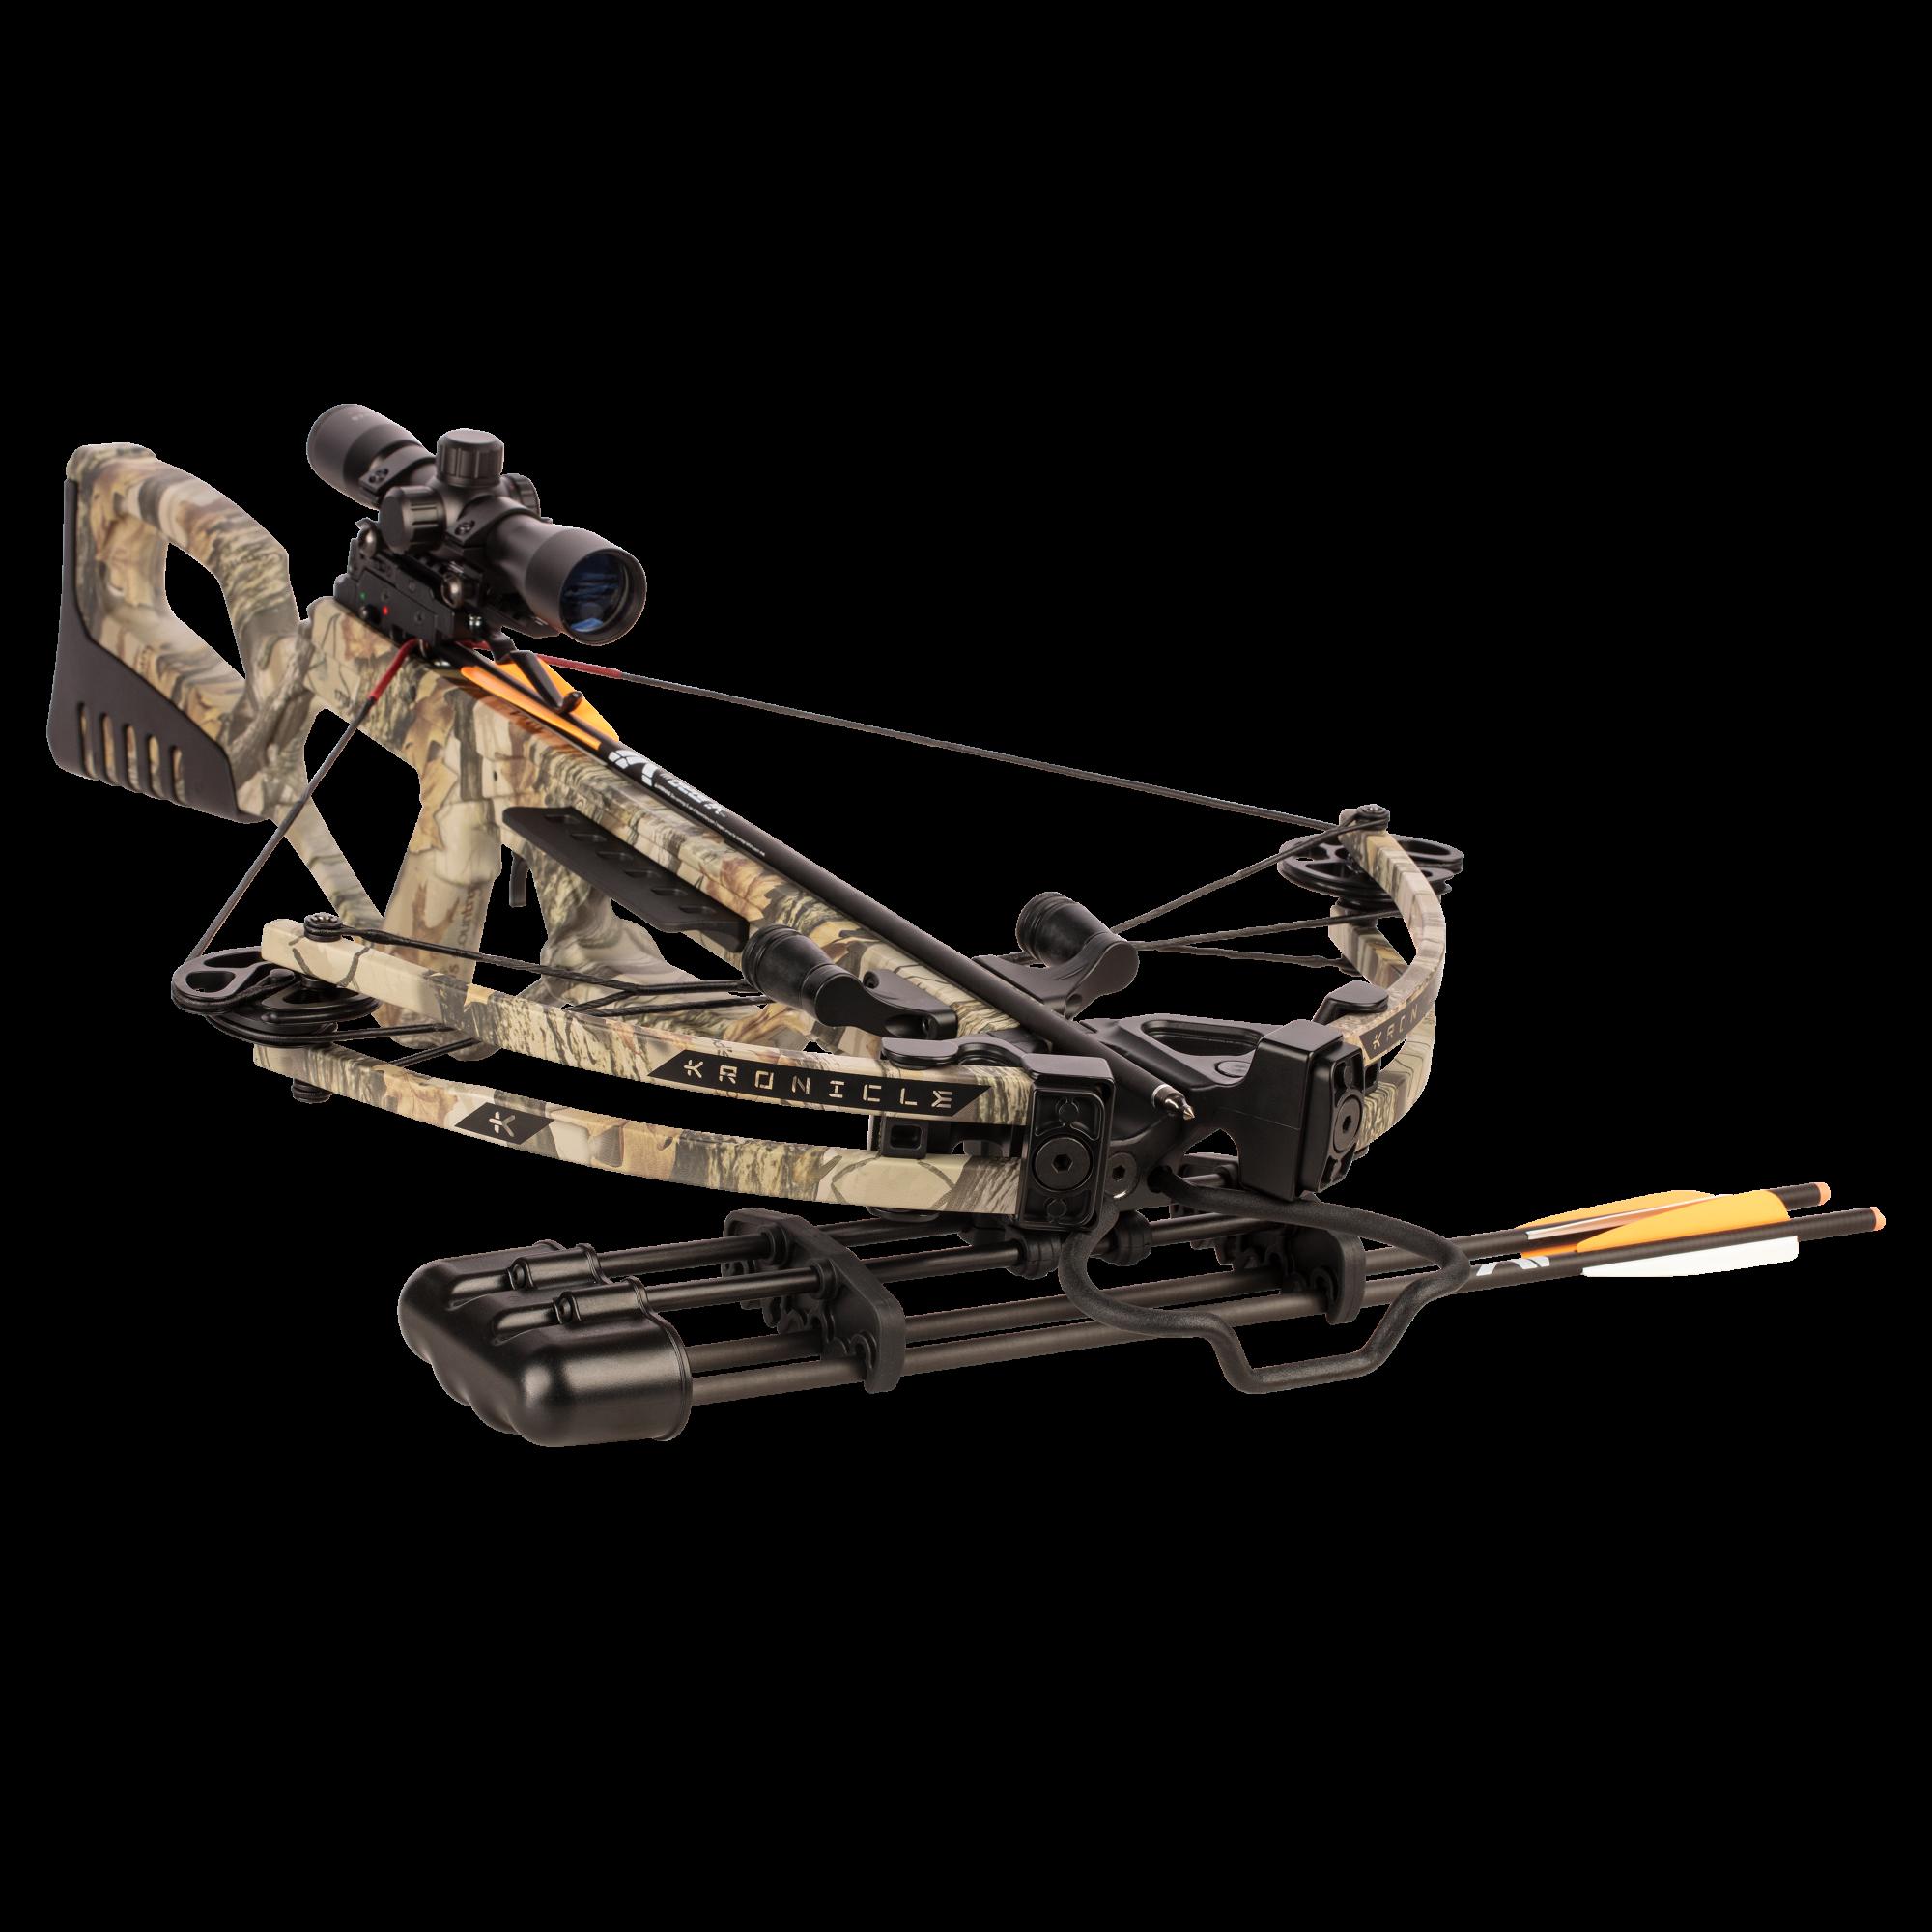 Bear crossbow package